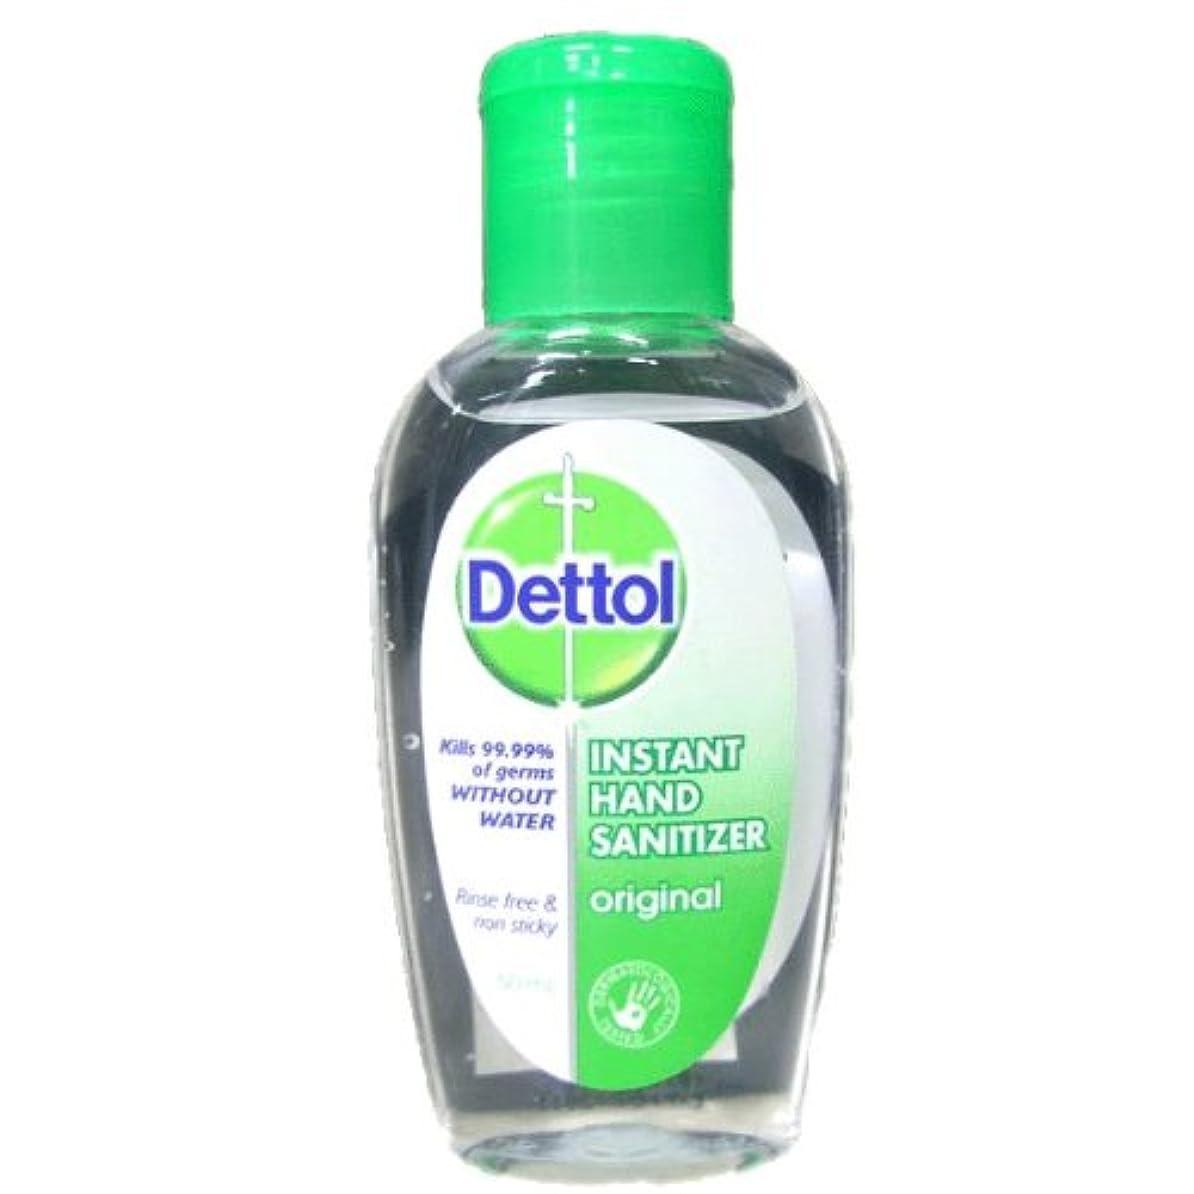 有限料理南東Dettol instant hand sanitizer